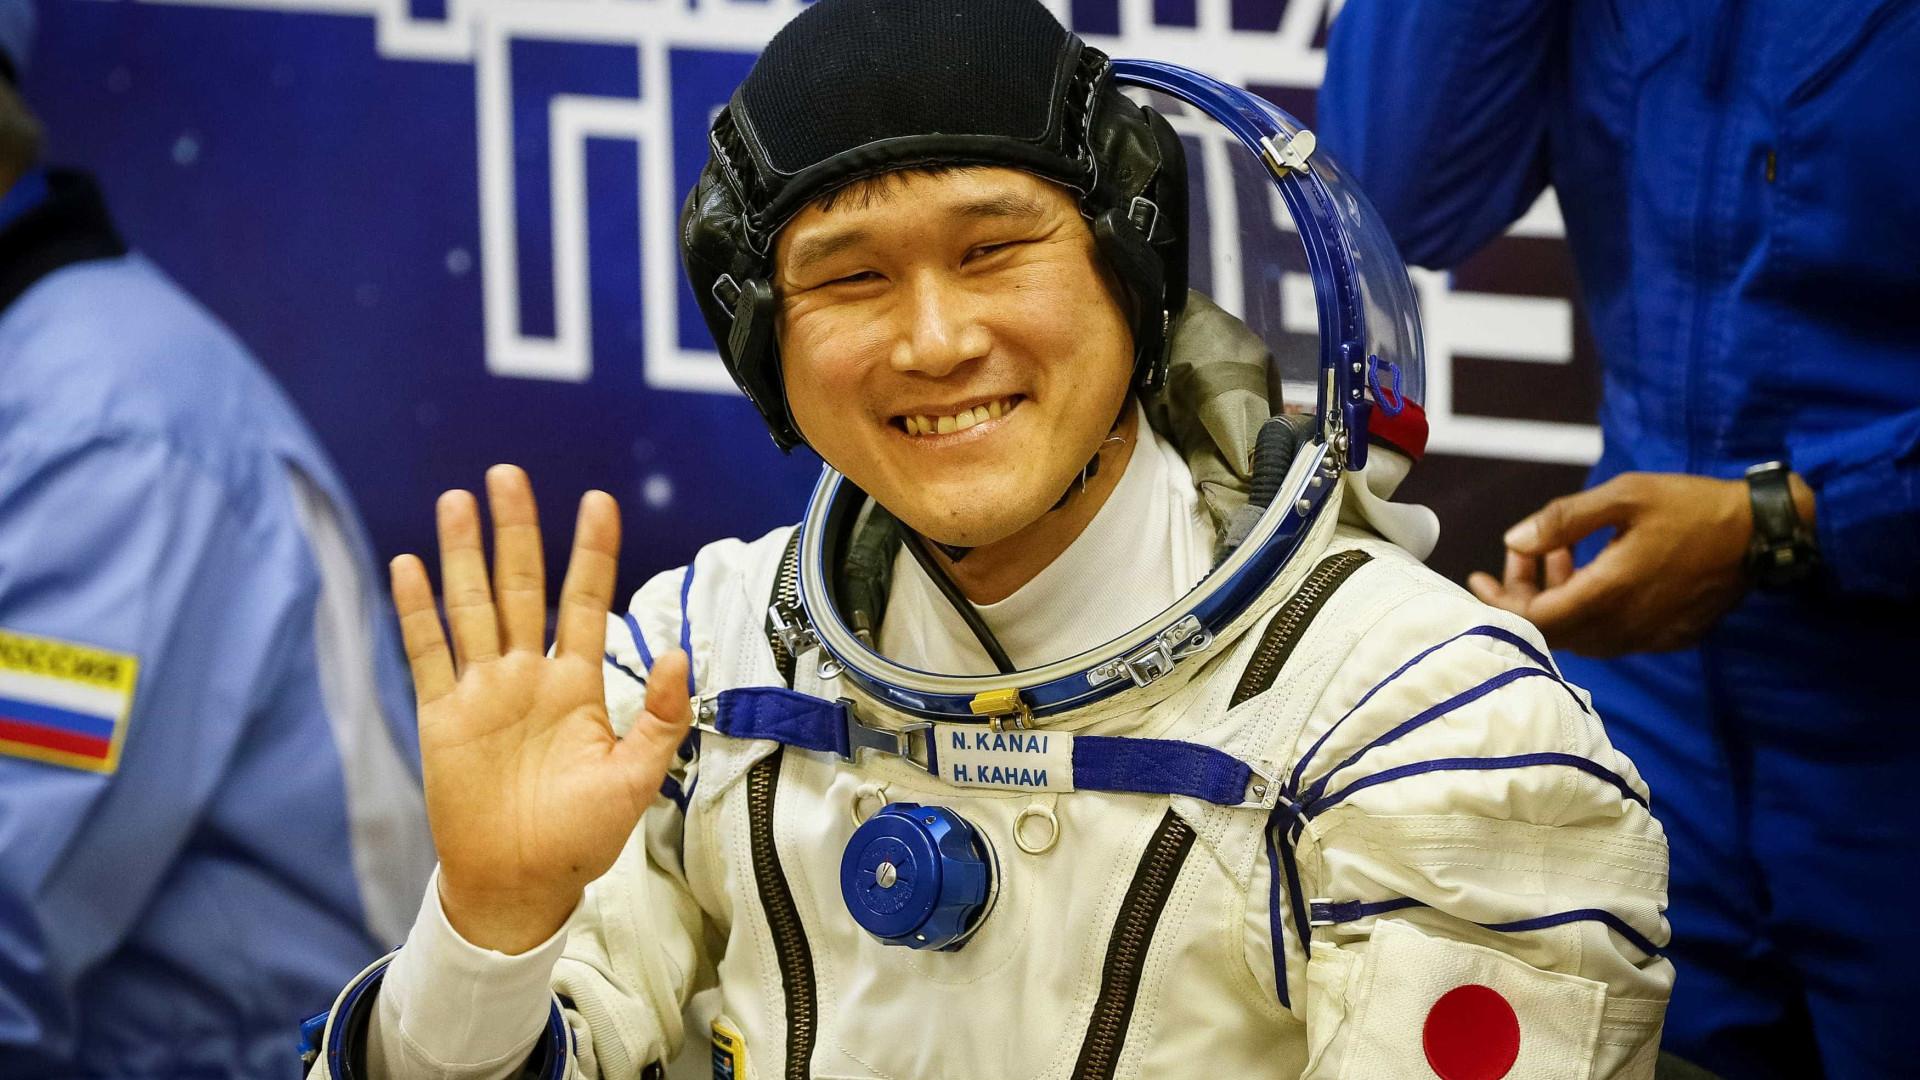 Astronauta se desculpa por notícia falsa sobre crescimento no espaço